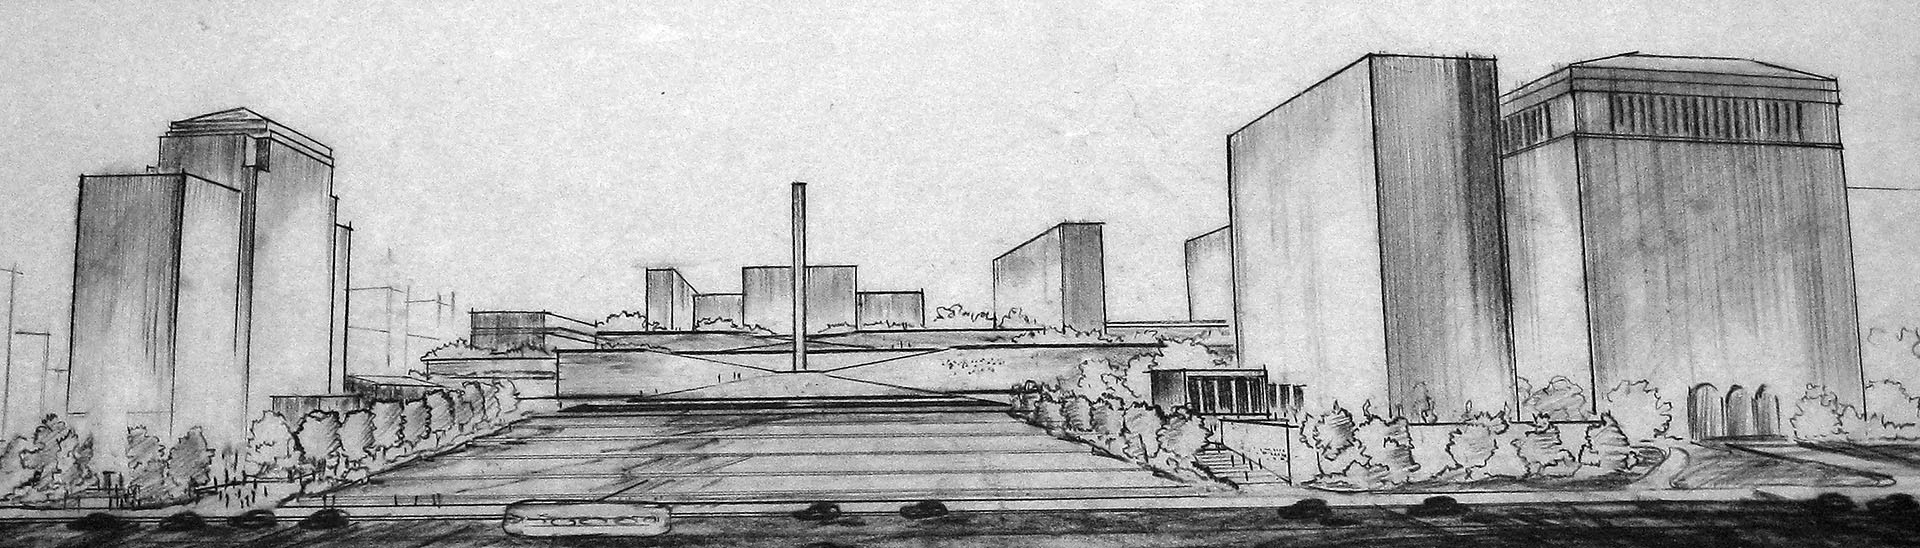 Turner rendering, 1946